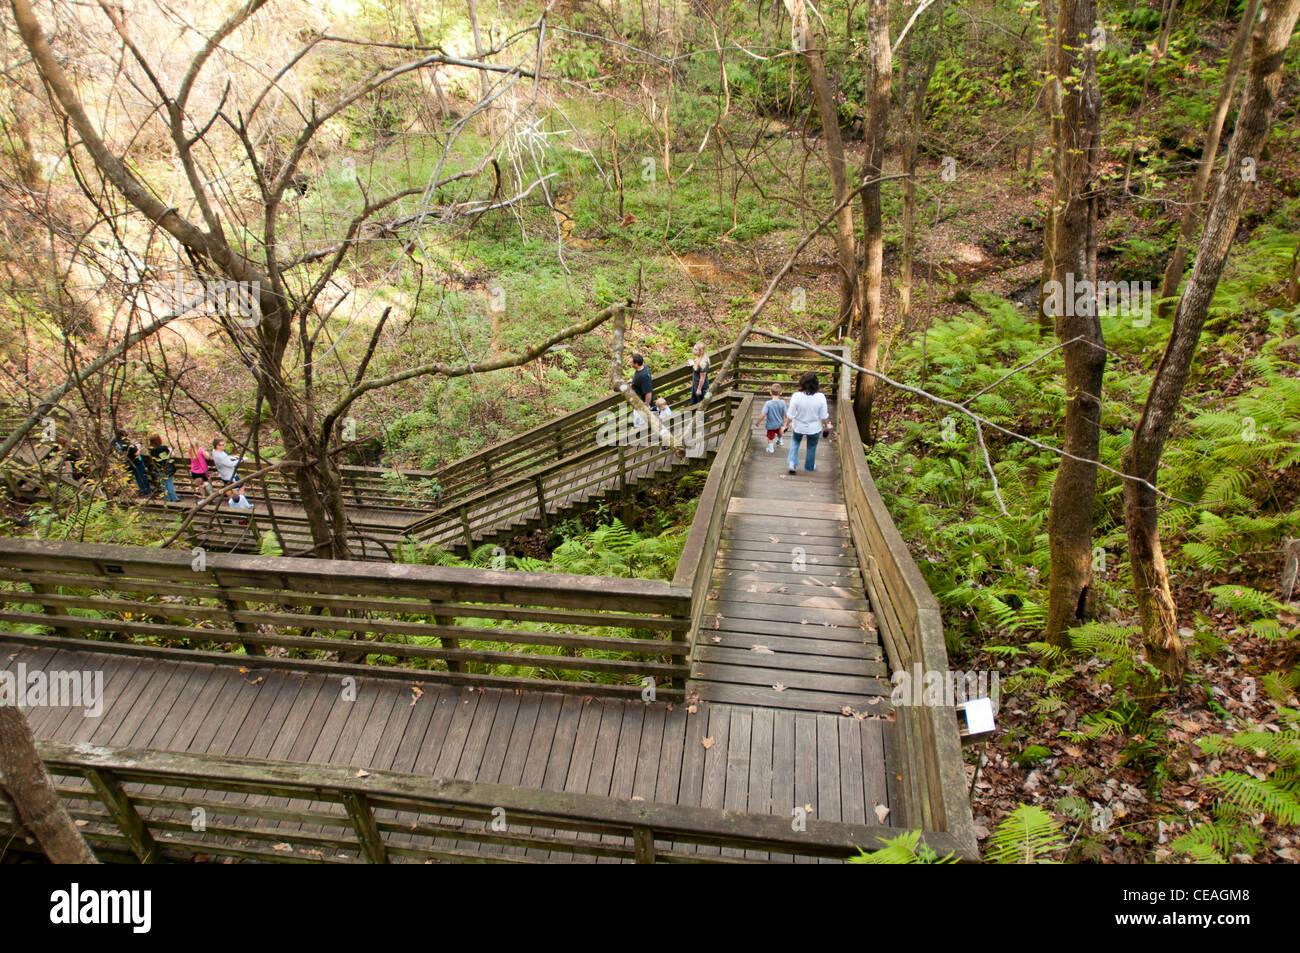 Des Teufels Millhopper geologischen Staatspark, Gainesville, Florida, Vereinigte Staaten von Amerika, USA, Nordamerika Stockbild